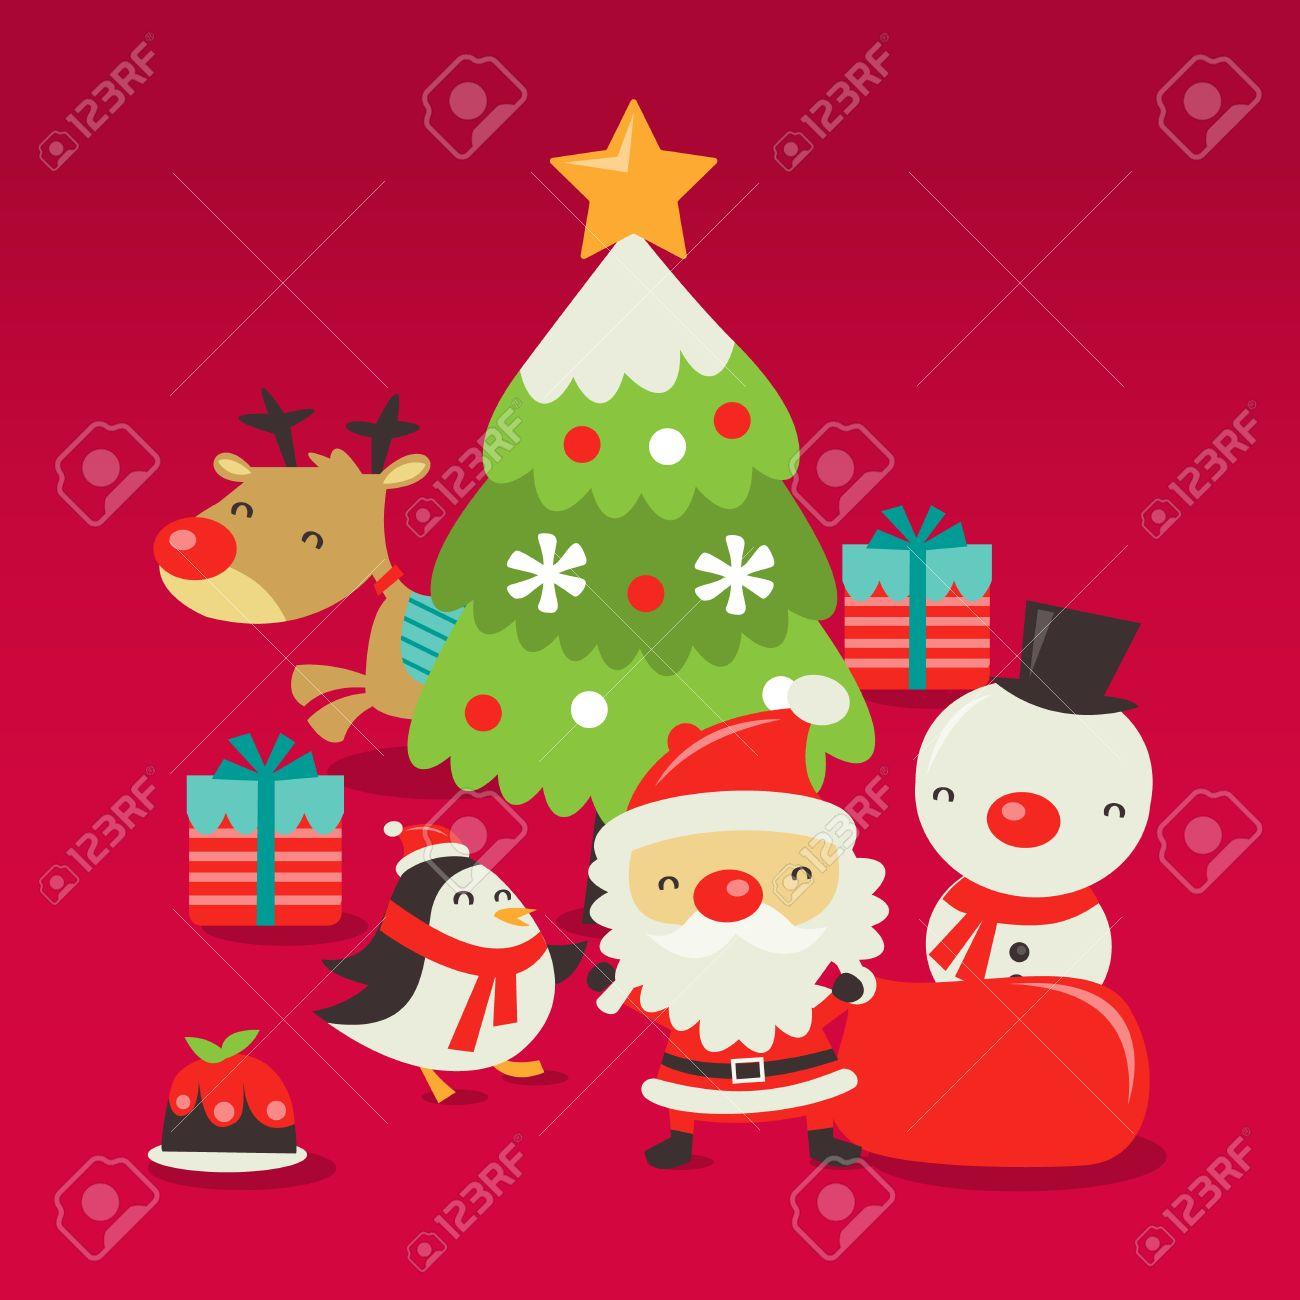 Immagini Vettoriali Natale.Una Illustrazione Vettoriale Di Retro Scena Di Natale Carino Con Babbo Natale Albero Di Natale Renne Regali Di Natale Pupazzo Di Neve Pinguino